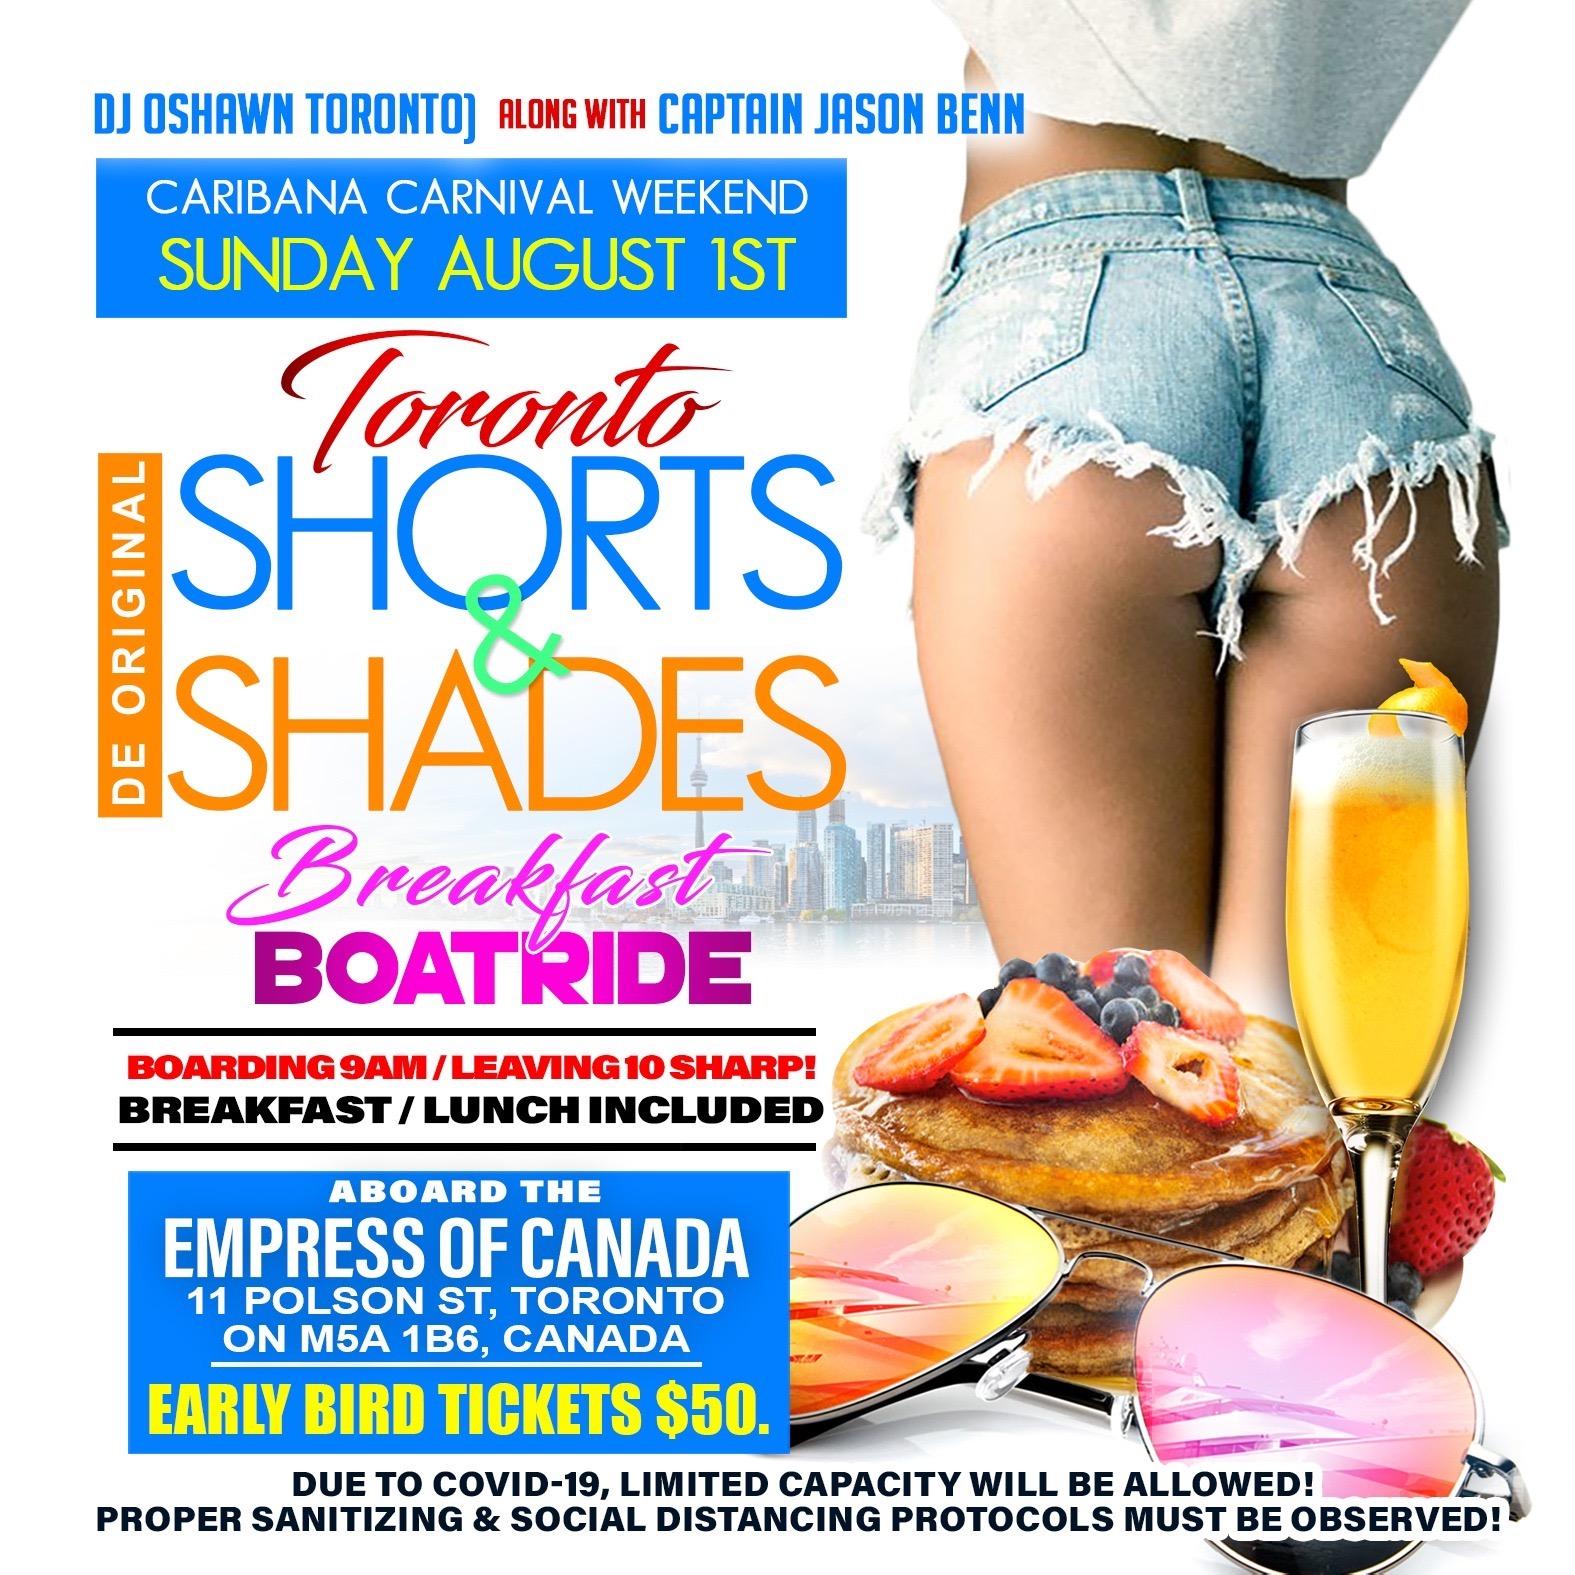 De Original Shorts and Shades Breakfast Boatride Toronto